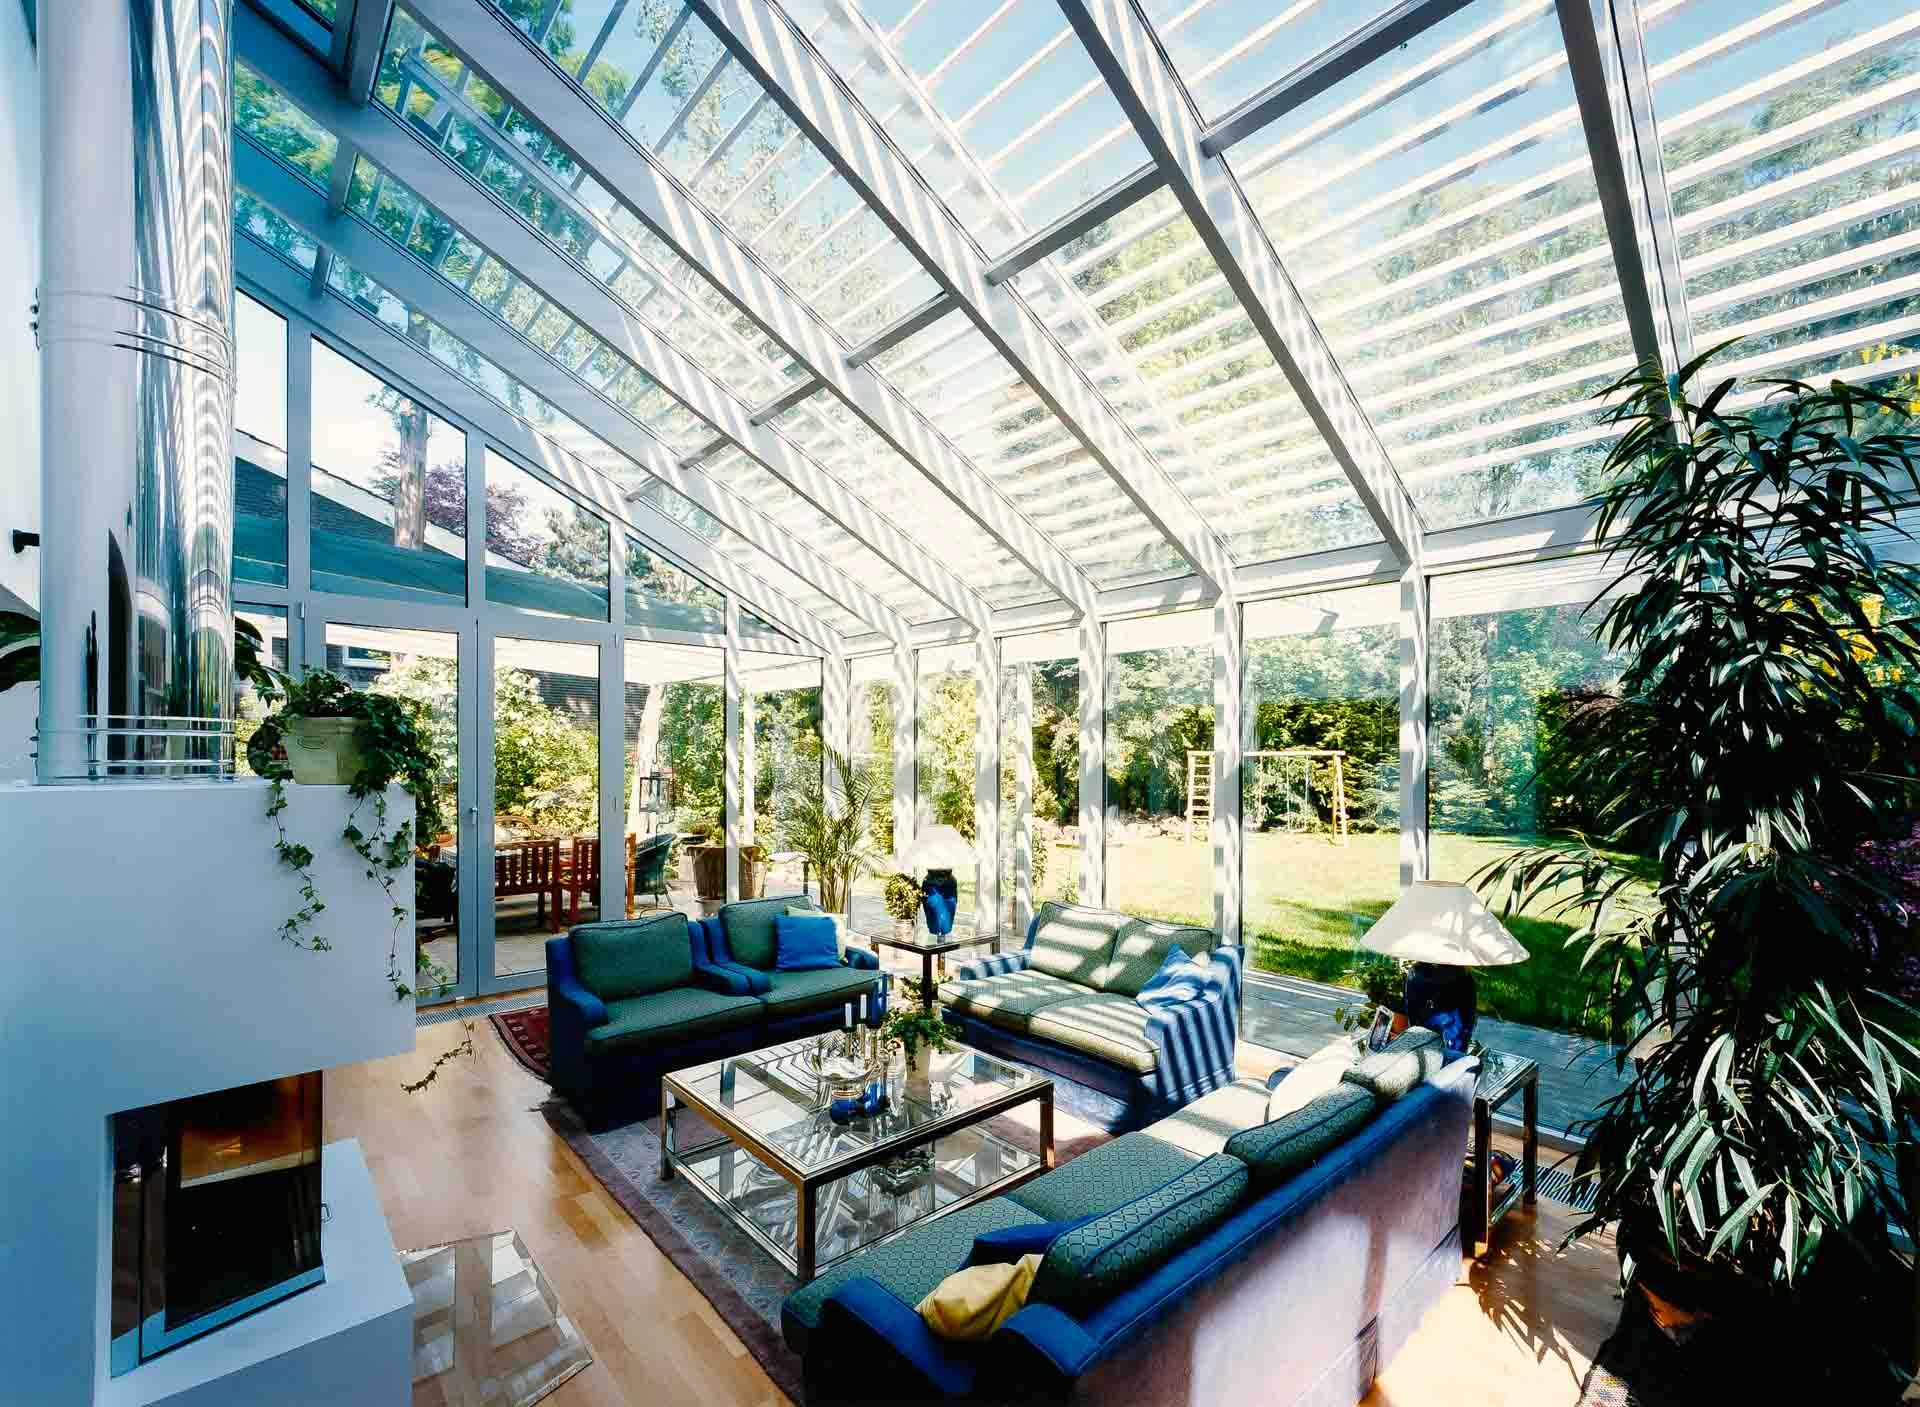 Wohnwintergarten als Bestandteil moderner Architektur